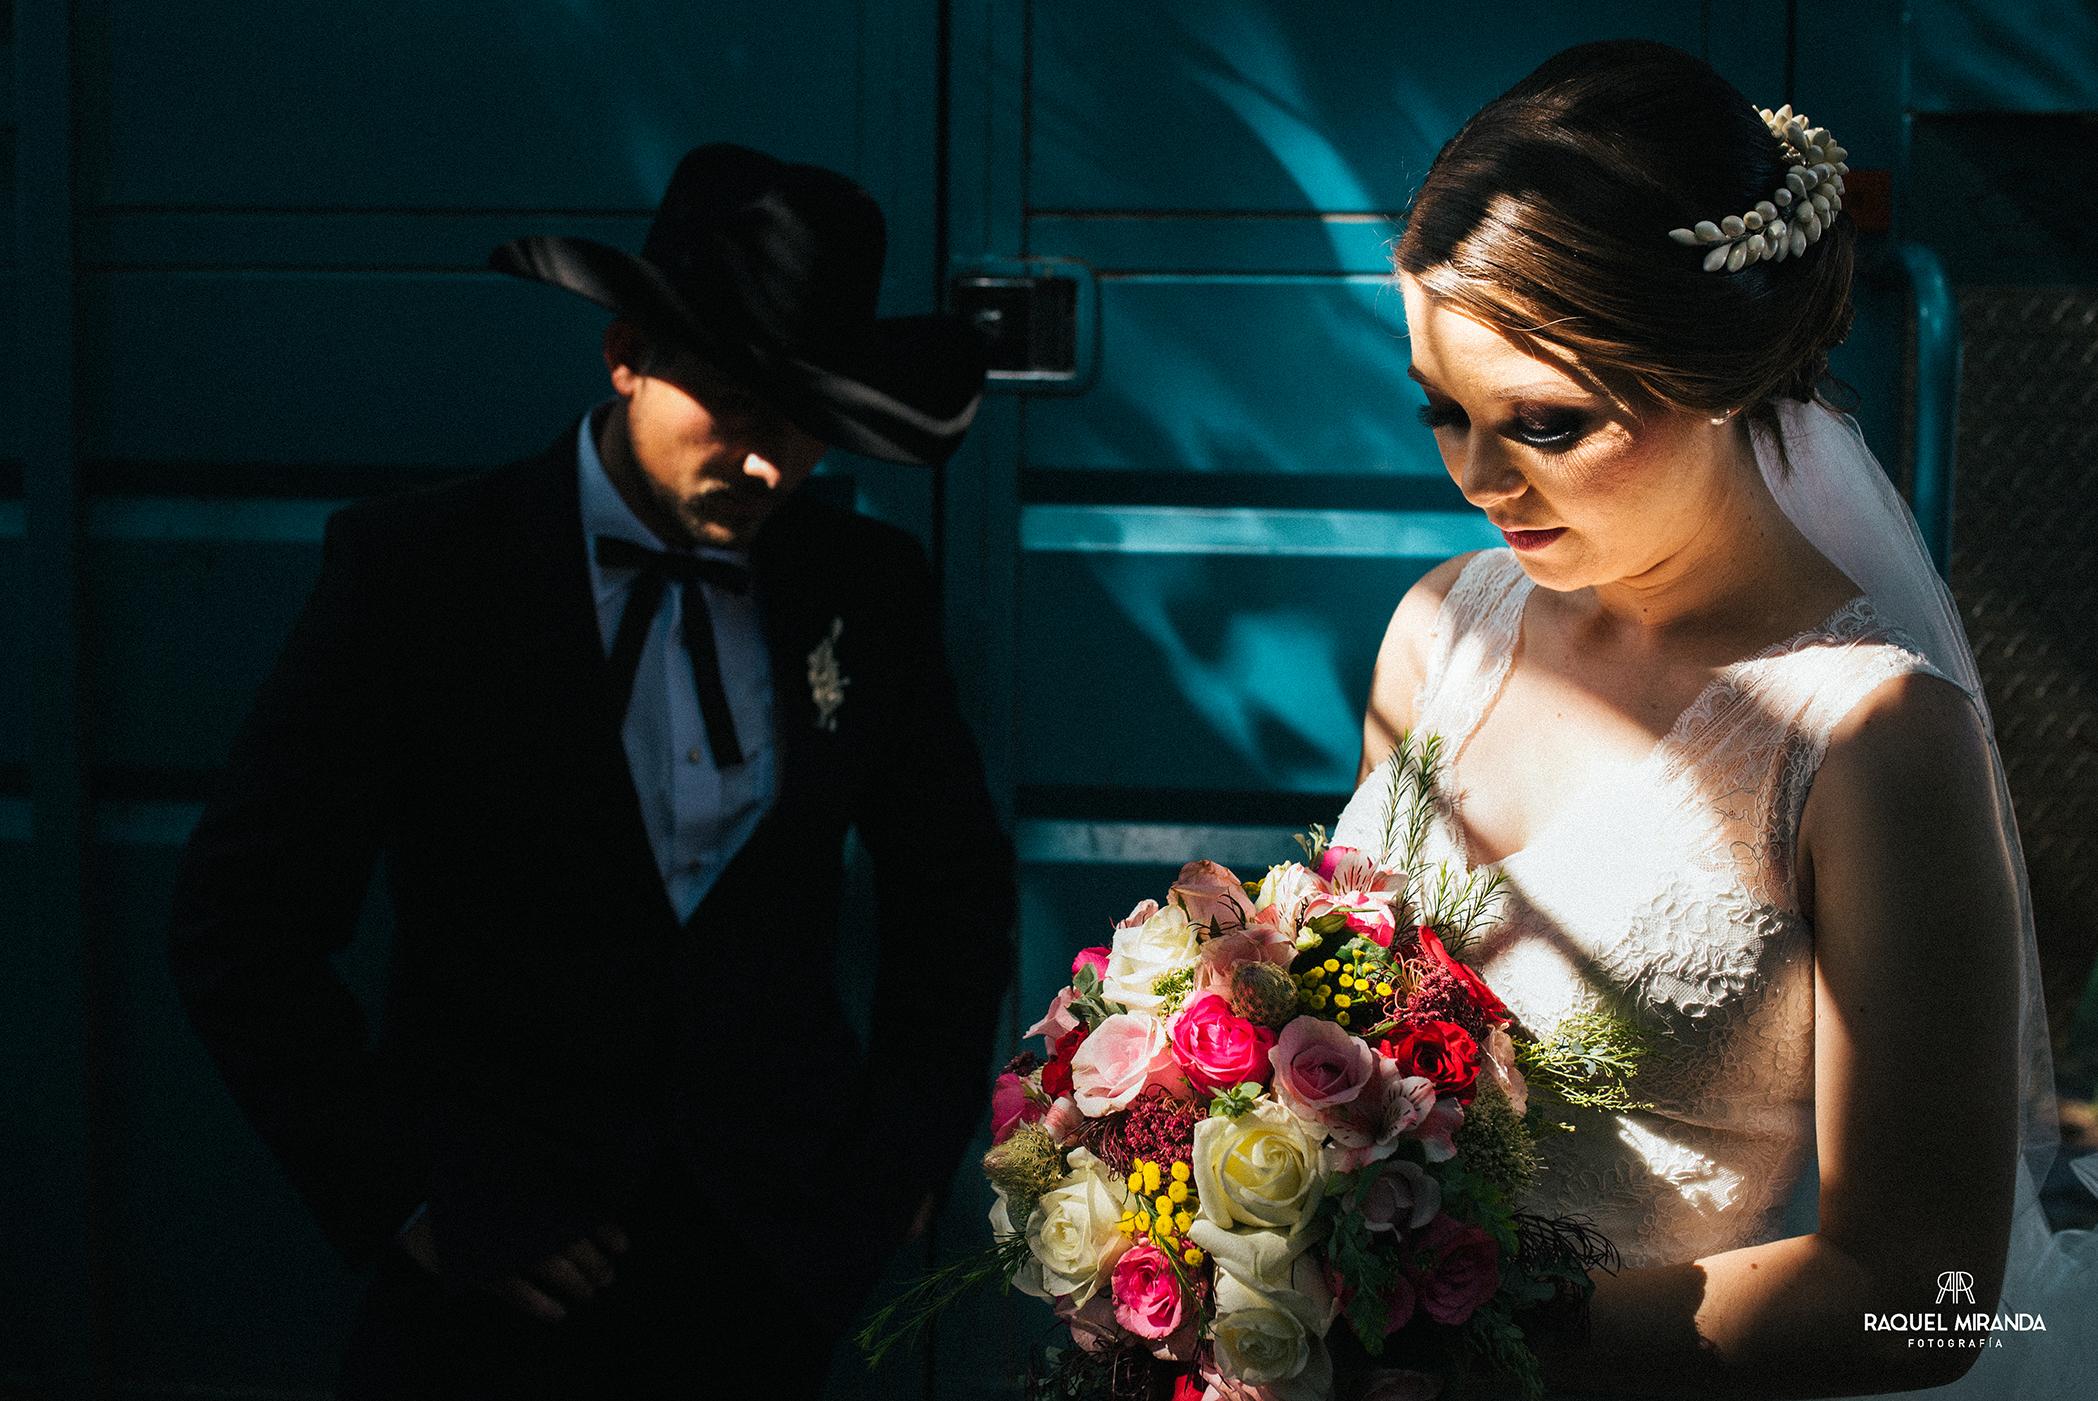 raquel miranda fotografía - wedding - edith&meño-9.jpg